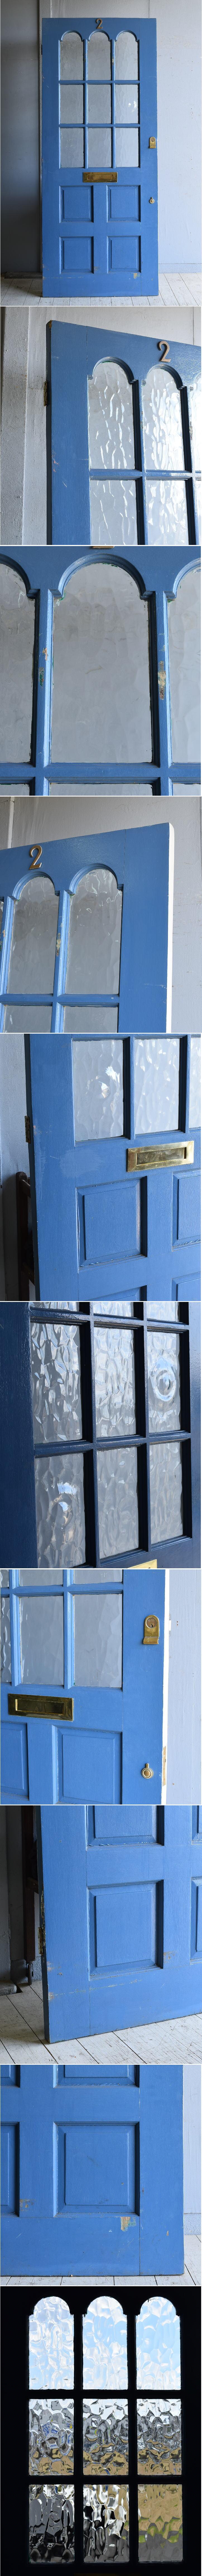 イギリス アンティーク ガラス入り木製ドア 扉 建具 8292